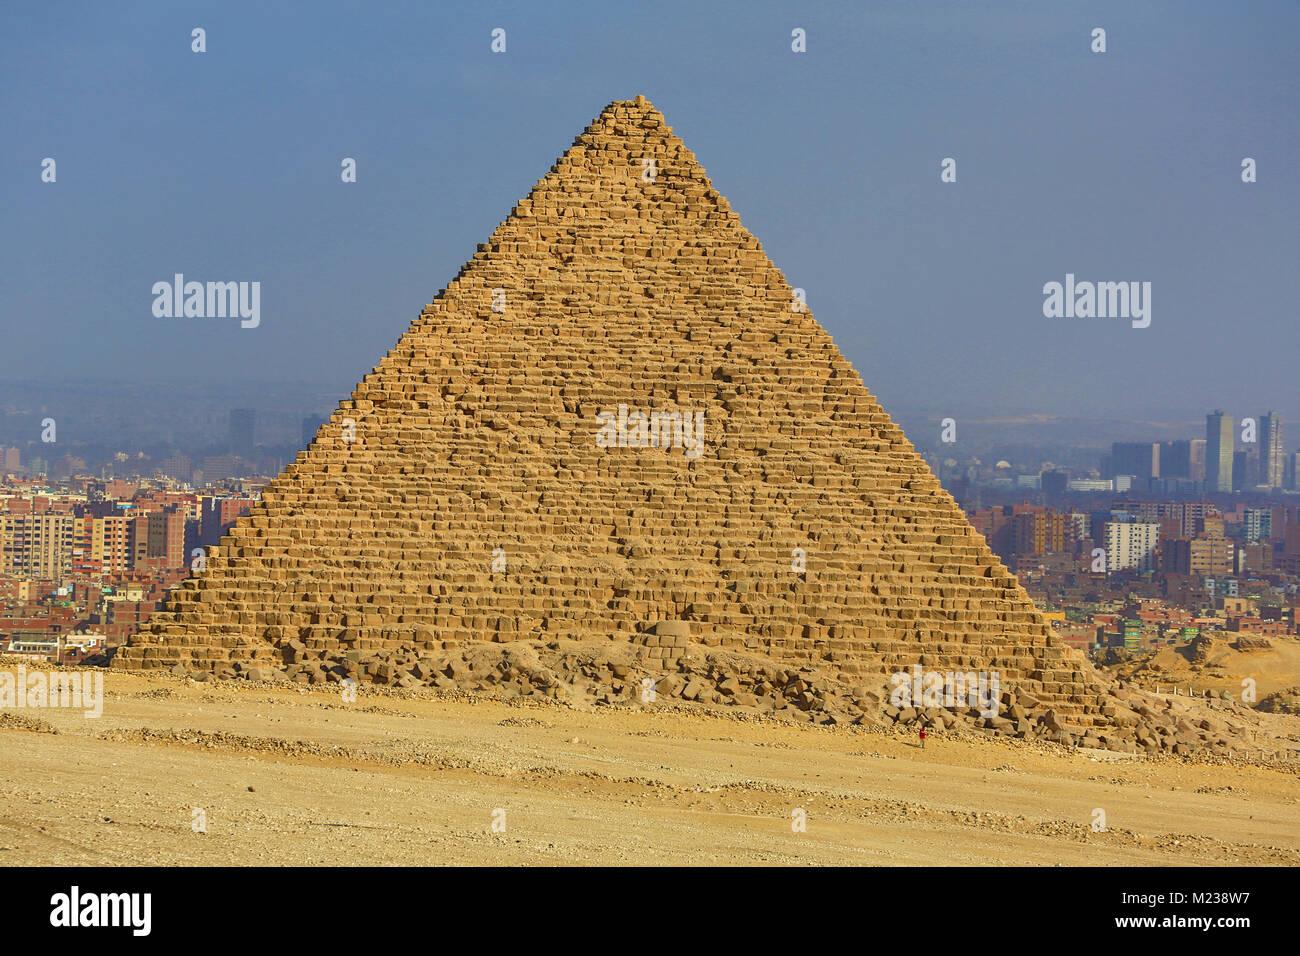 La piramide di Menkaure sull'Altopiano di Giza, il Cairo, Egitto Immagini Stock